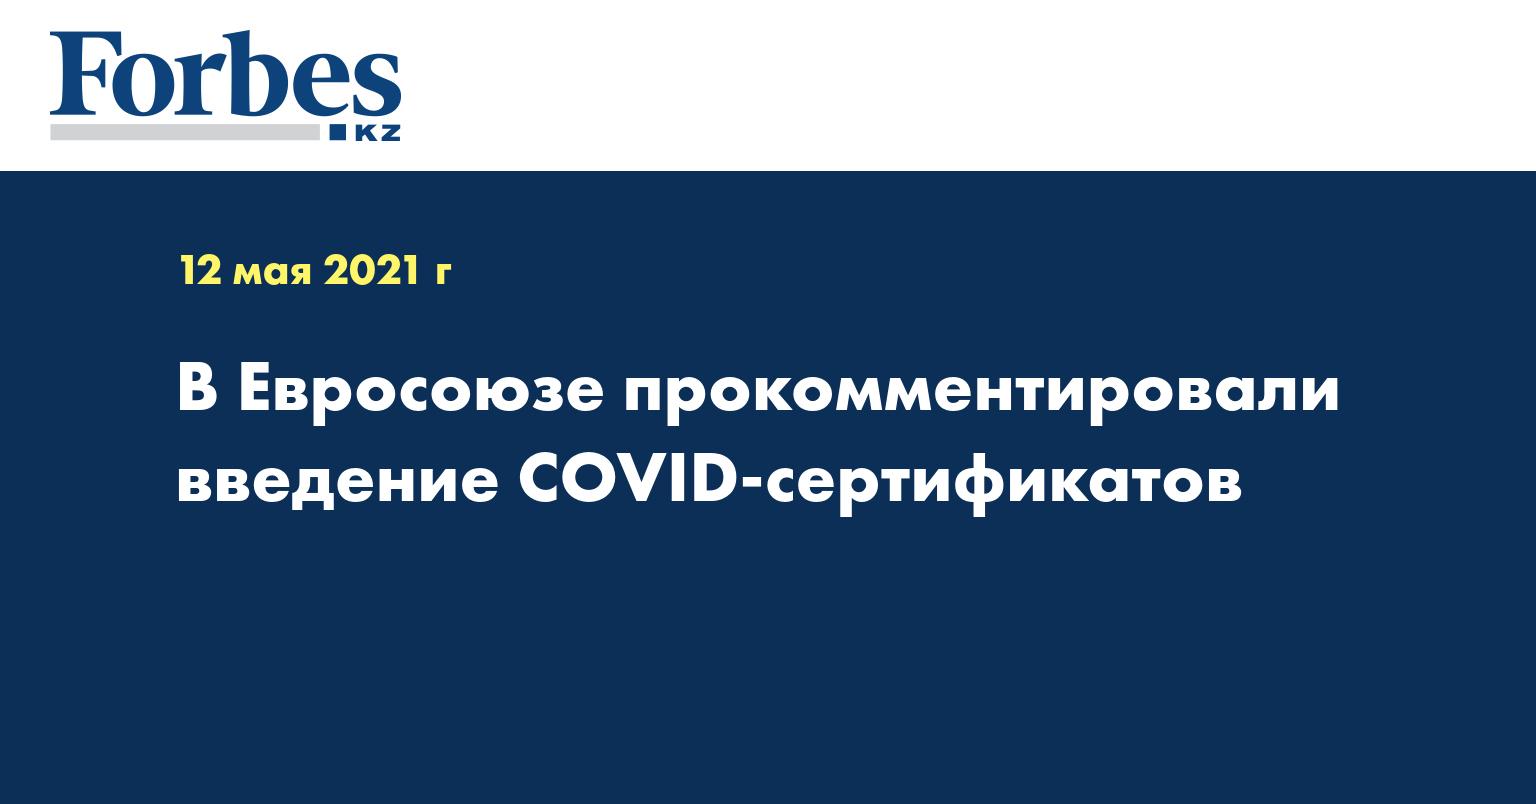 В Евросоюзе прокомментировали введение COVID-сертификатов